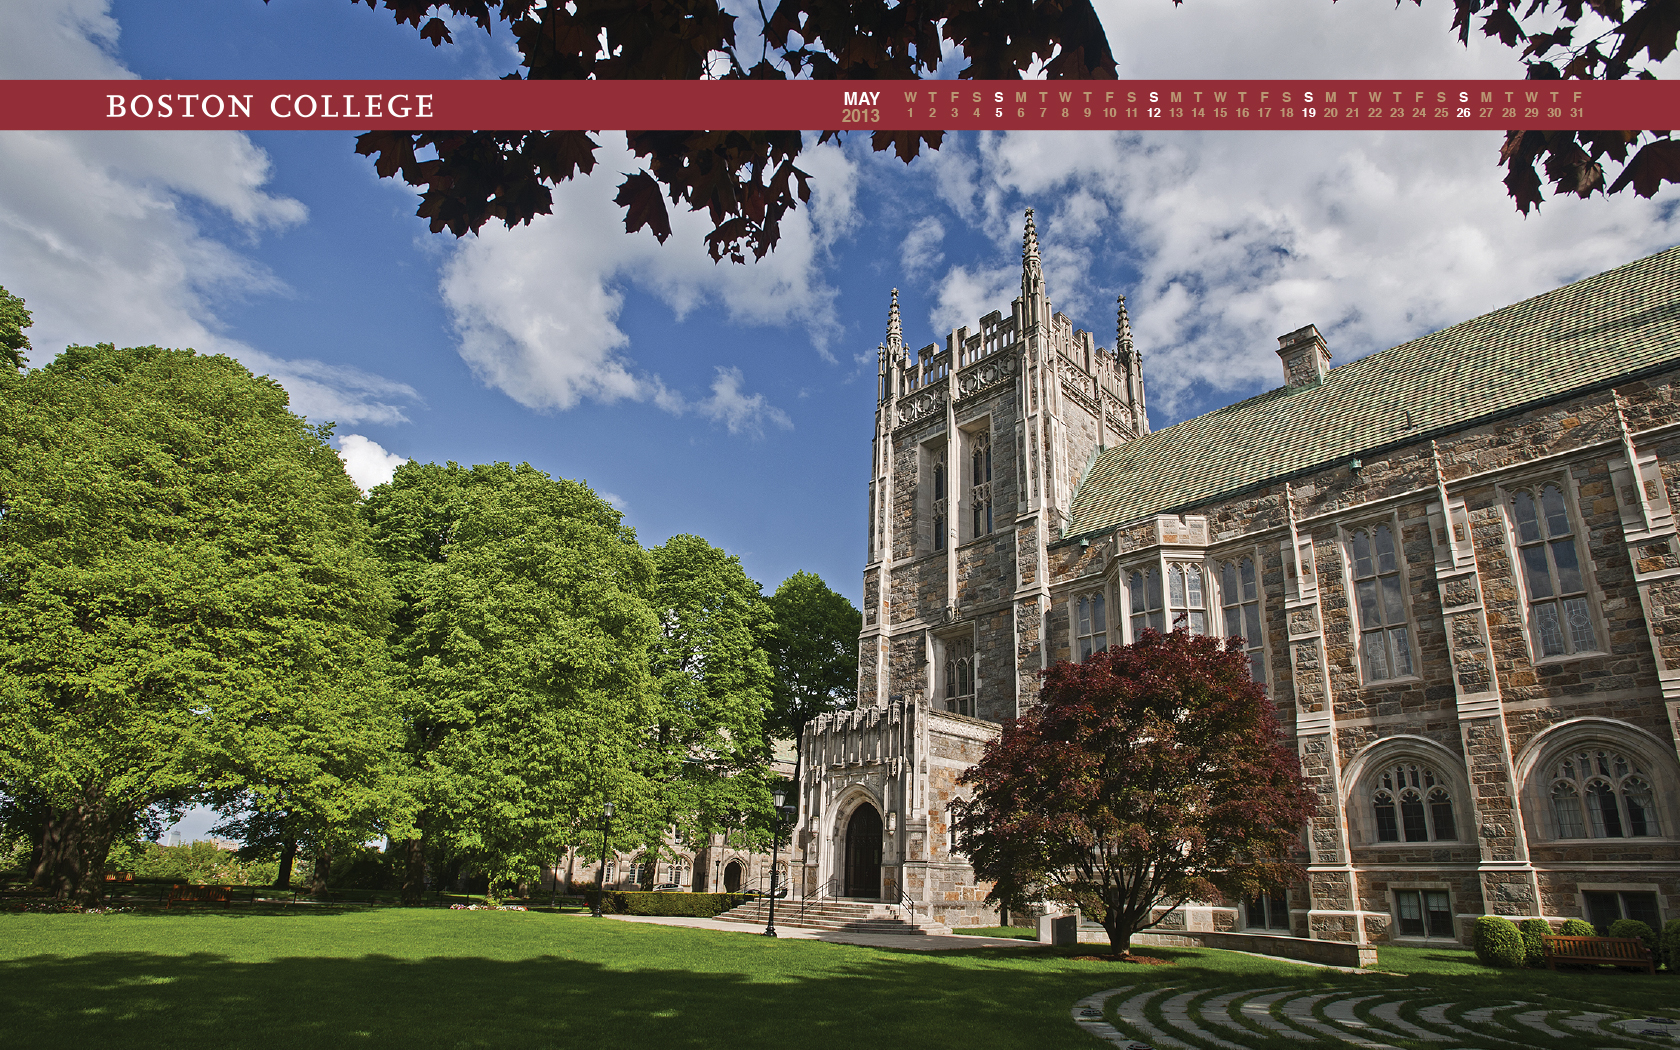 Boston College Campus Wallpaper Calendar wallpaper archive 1680x1050